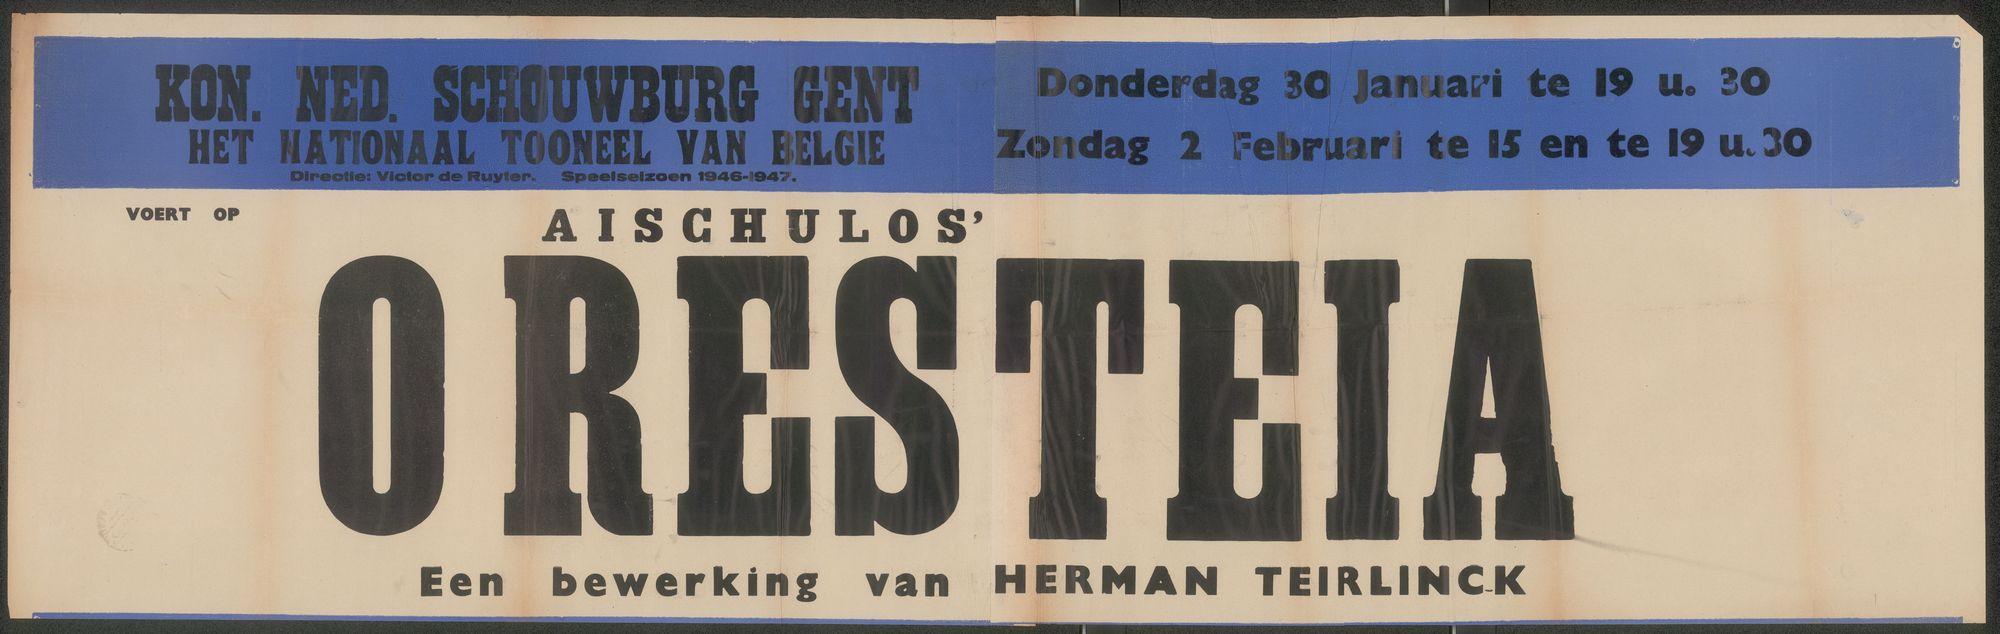 Oresteia: een bewerking van Herman Teirlinck, Aischules, Konninklijke Nederlandse Schouwburg, Gent, 30 januari - 2 februari 1947